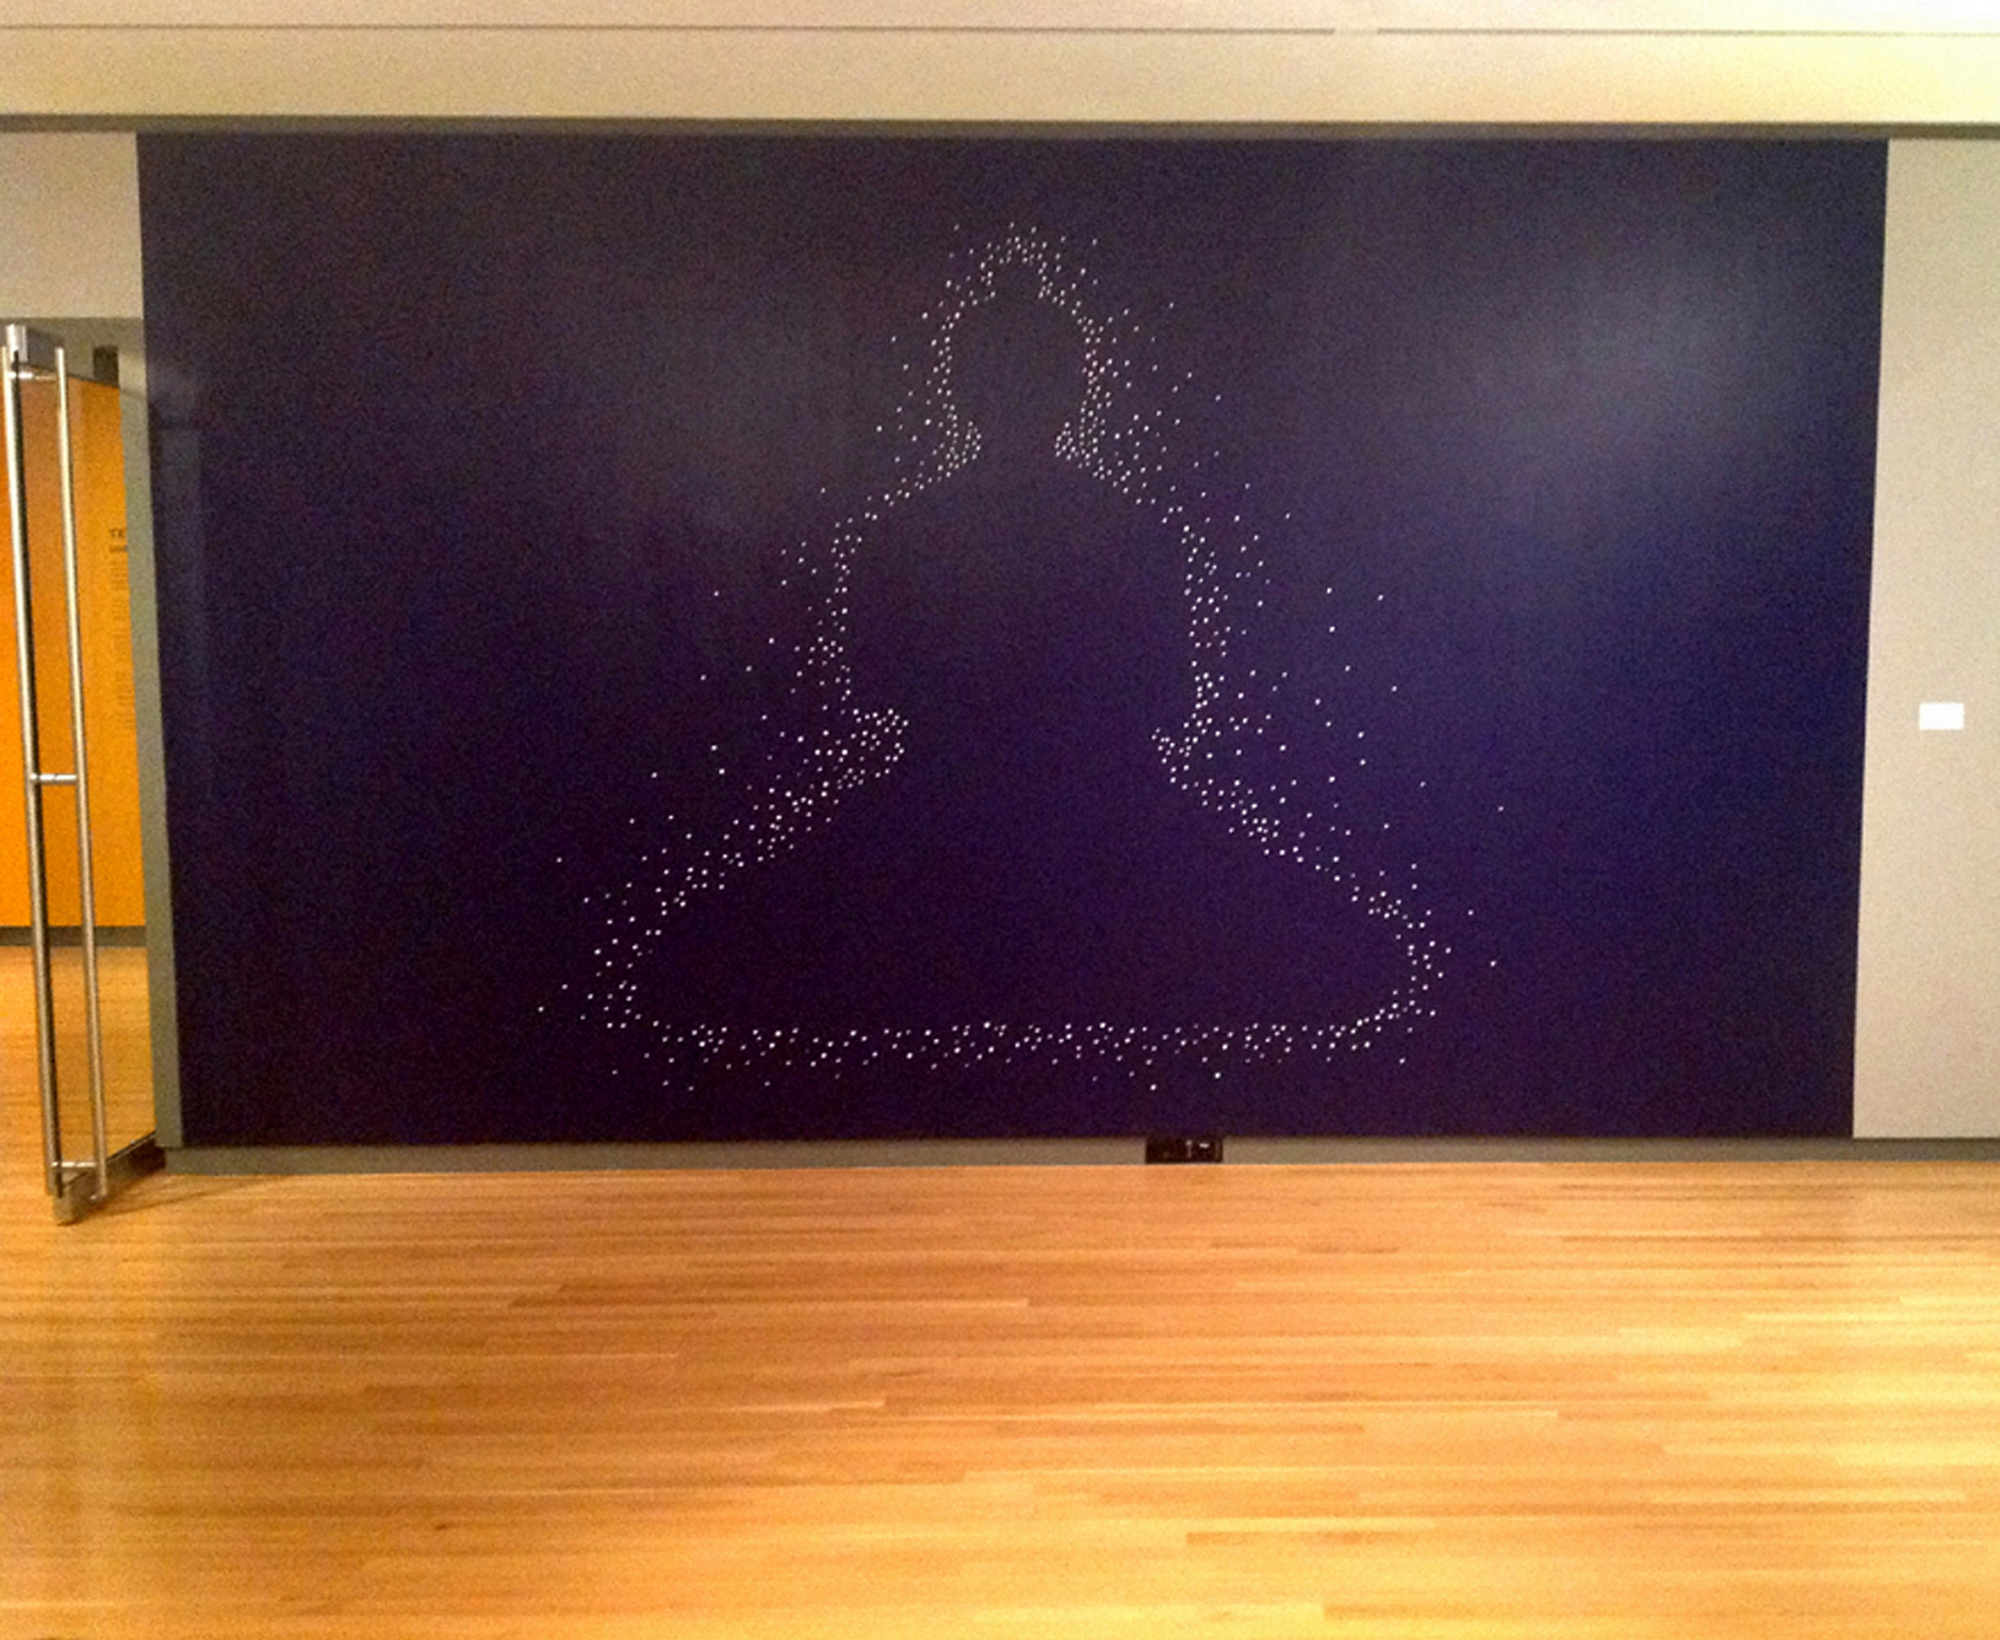 Buddha   10 x 20 feet  Latex and Acrylic on Wall  Loyola University Museum of Art  2013